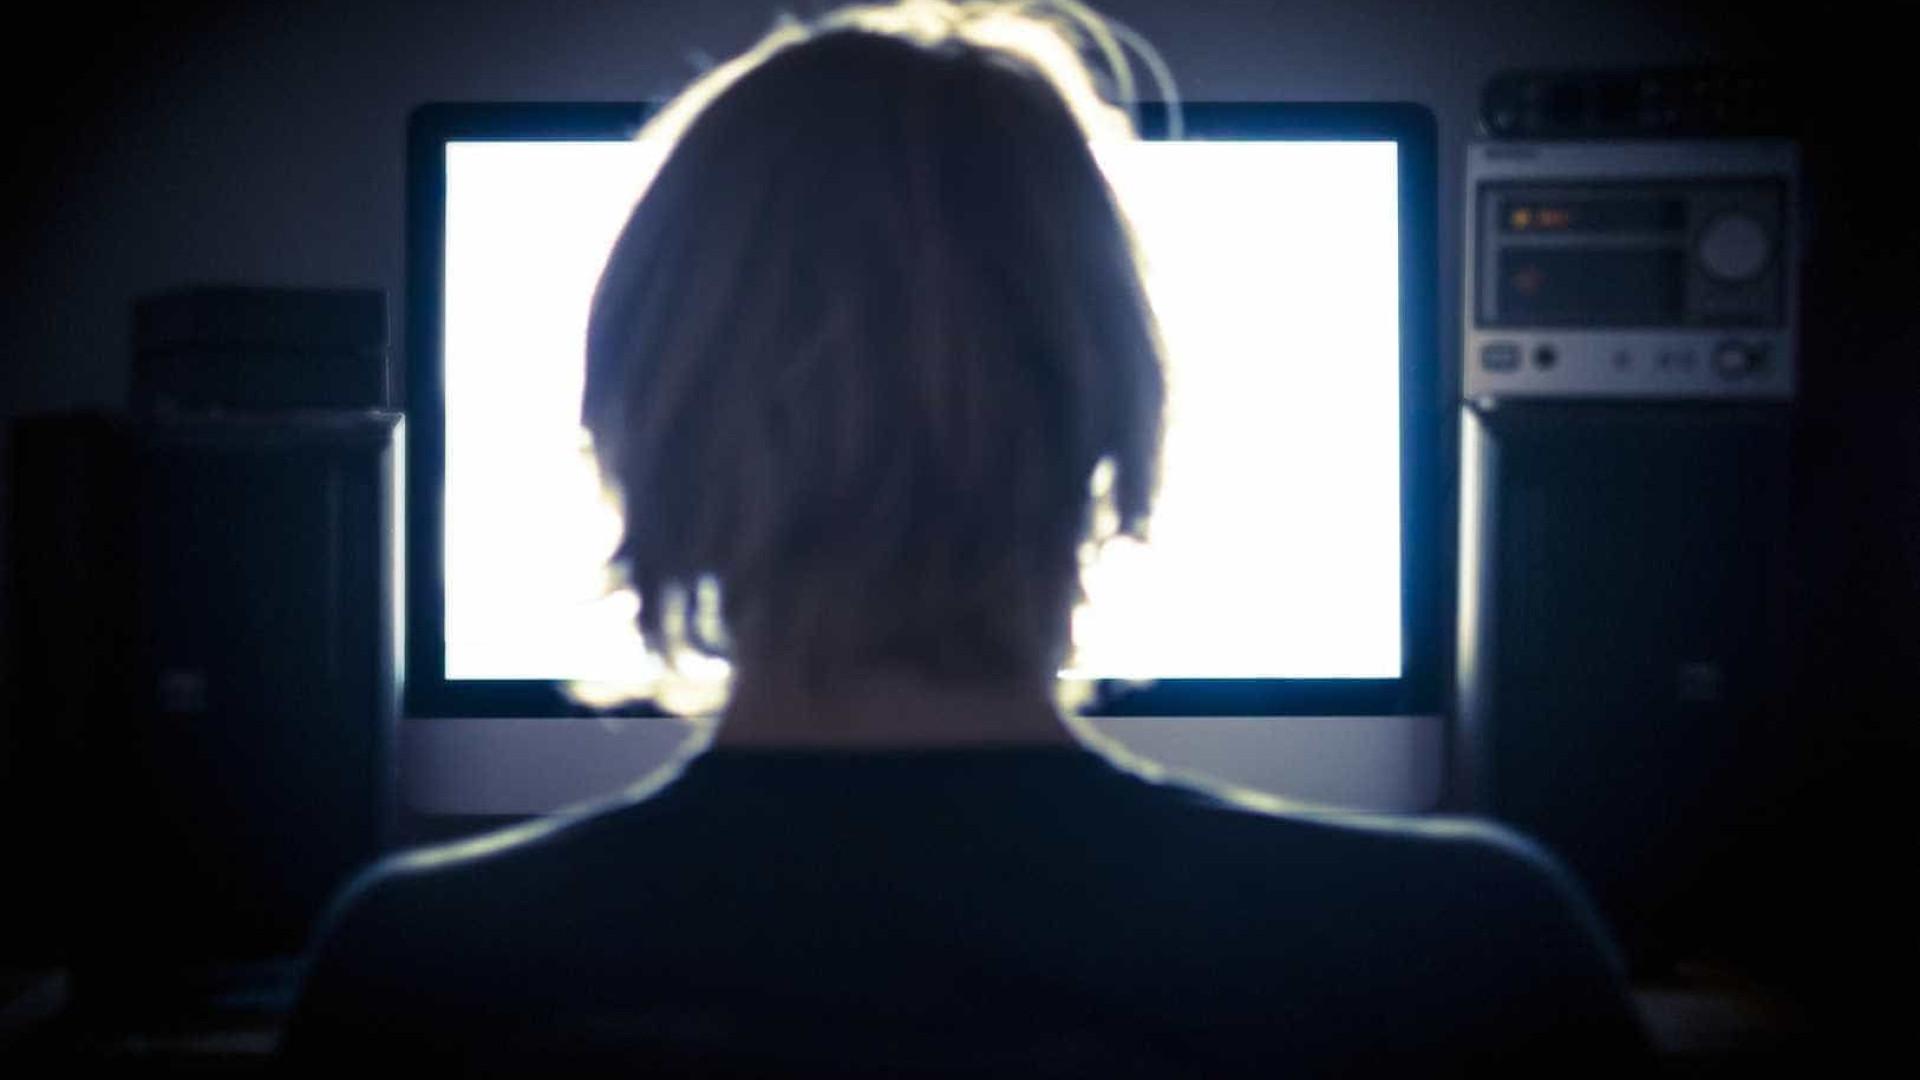 Jovem partilhou durante anos centenas de imagens pornográficas de menores